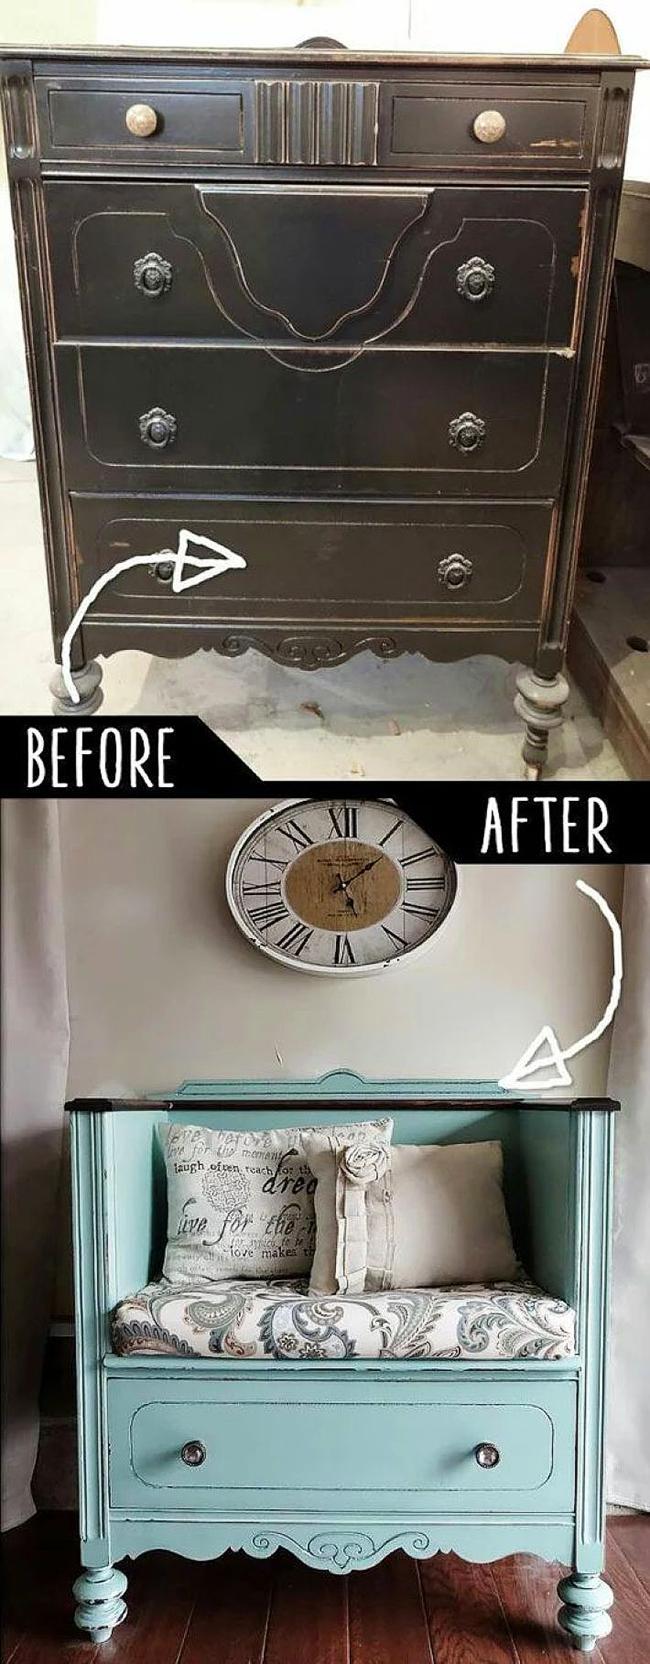 Un exemple de transformation d'une vieille commode en un élégant banc à chaussures vintage avec un siège confortable dans le couloir